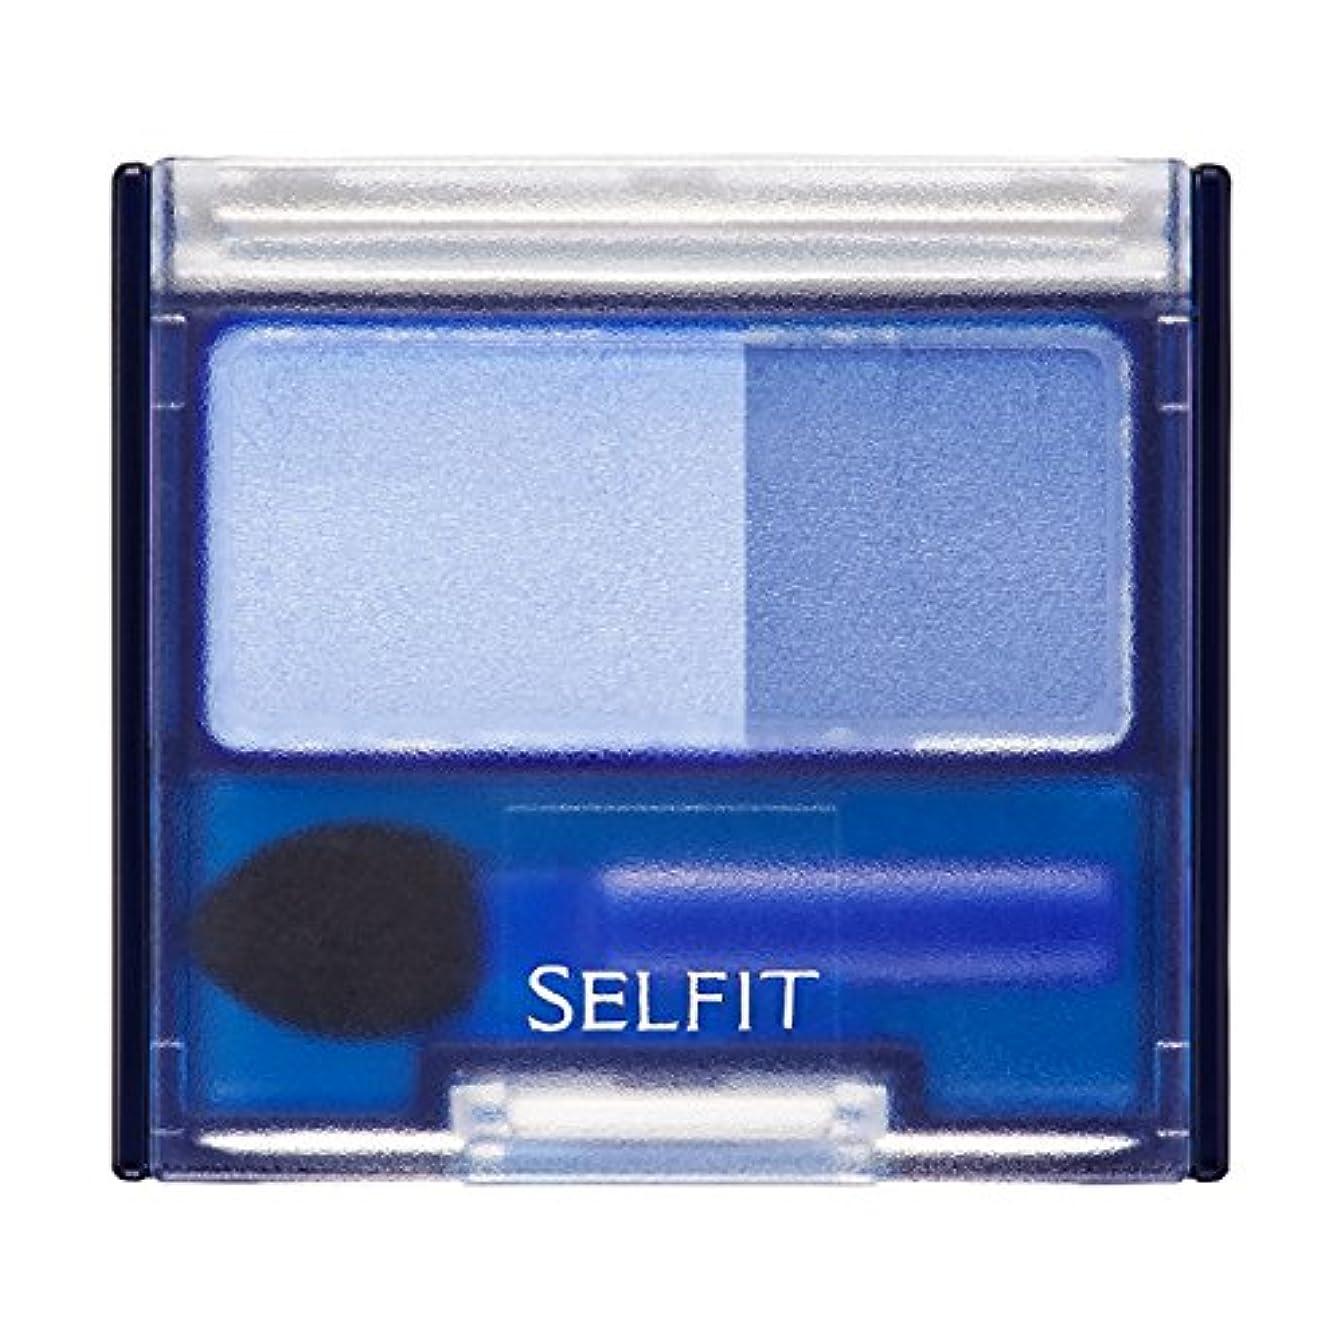 スパイラル意味のある渇きセルフィット デュアルアイカラーN ブルー100 2g